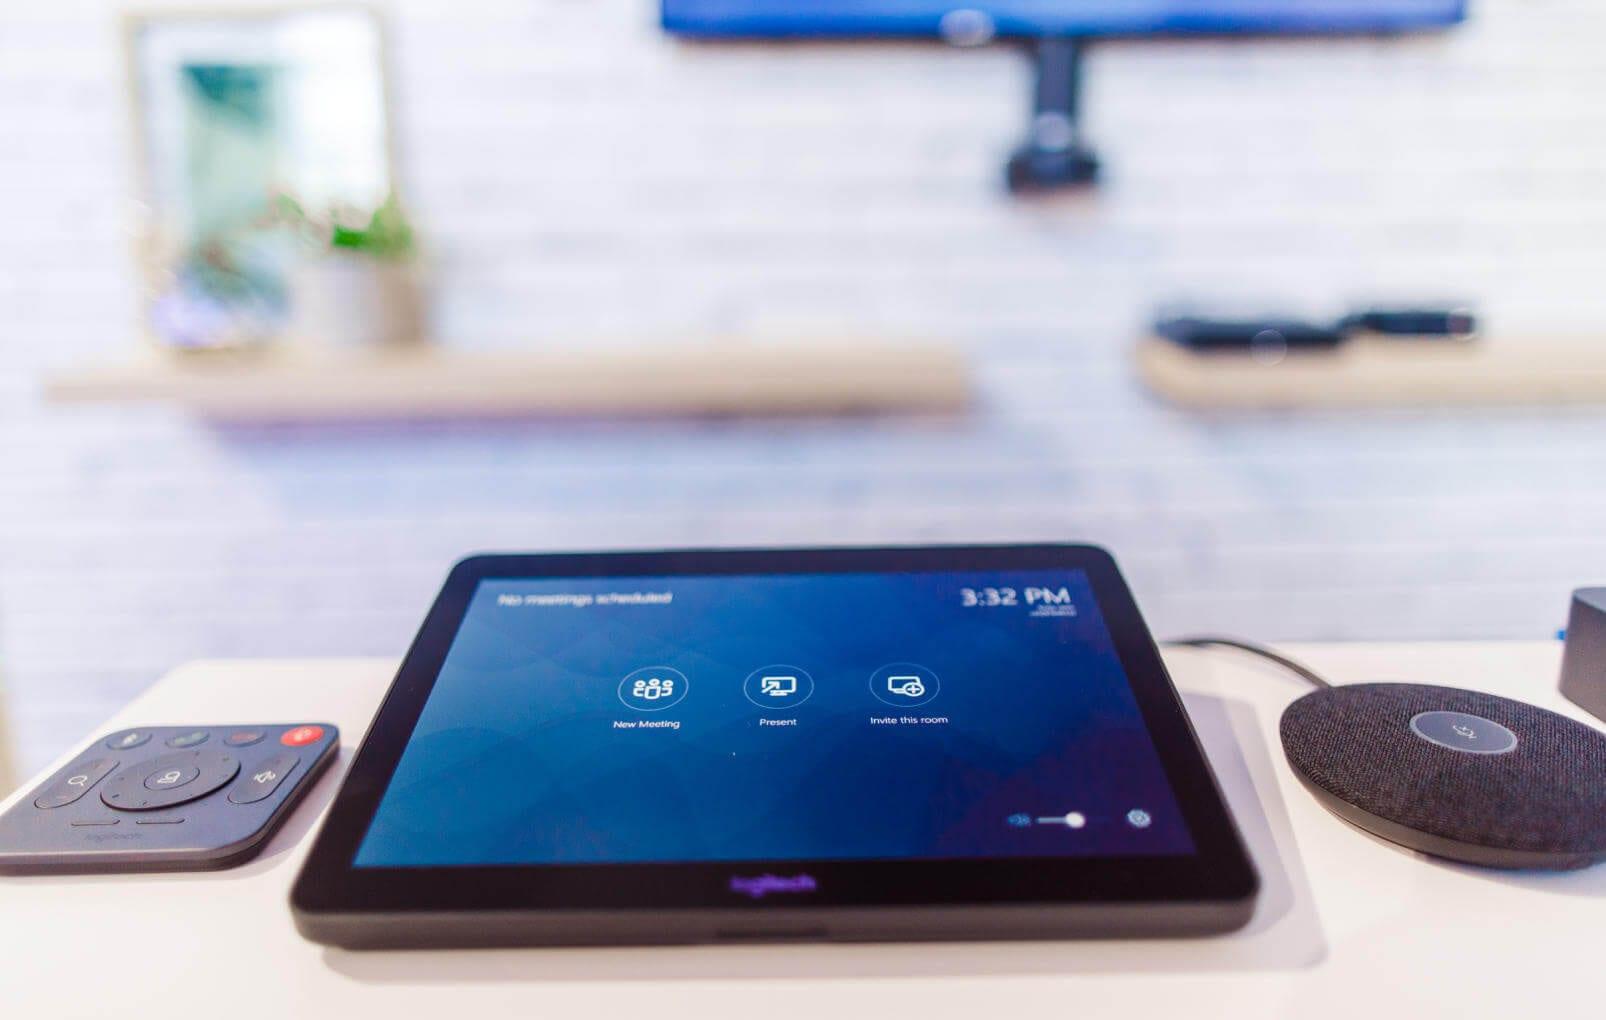 Meeting room AV hardware